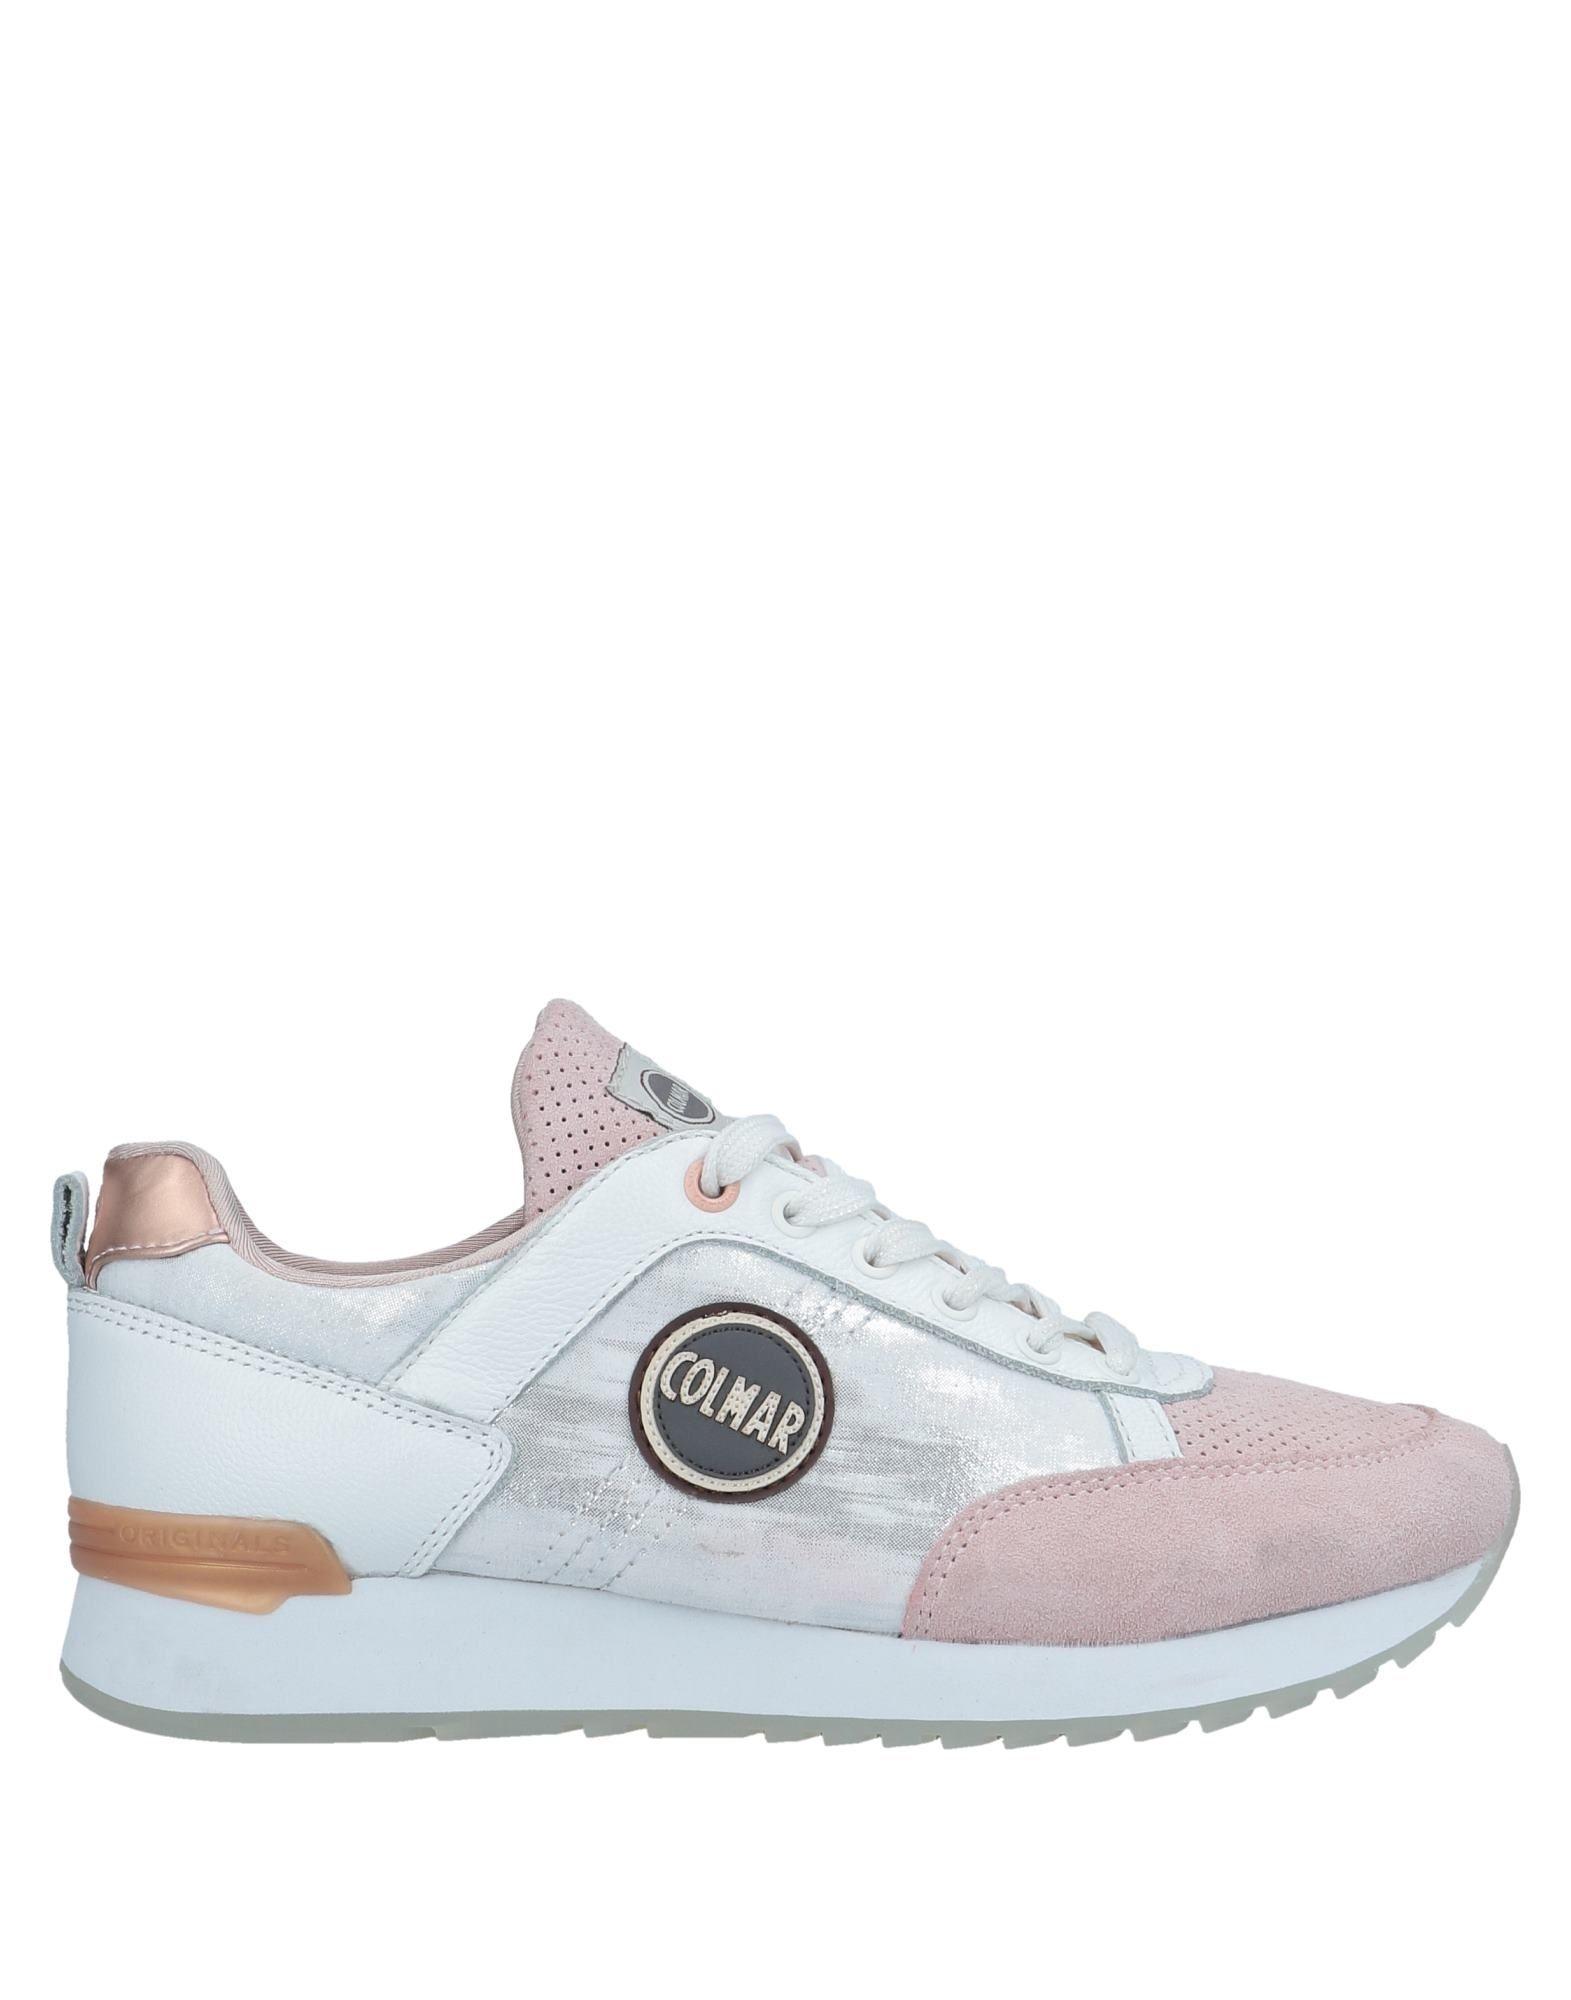 Colmar Sneakers - Canada Women Colmar Sneakers online on  Canada - - 11552427HP 01e4f5